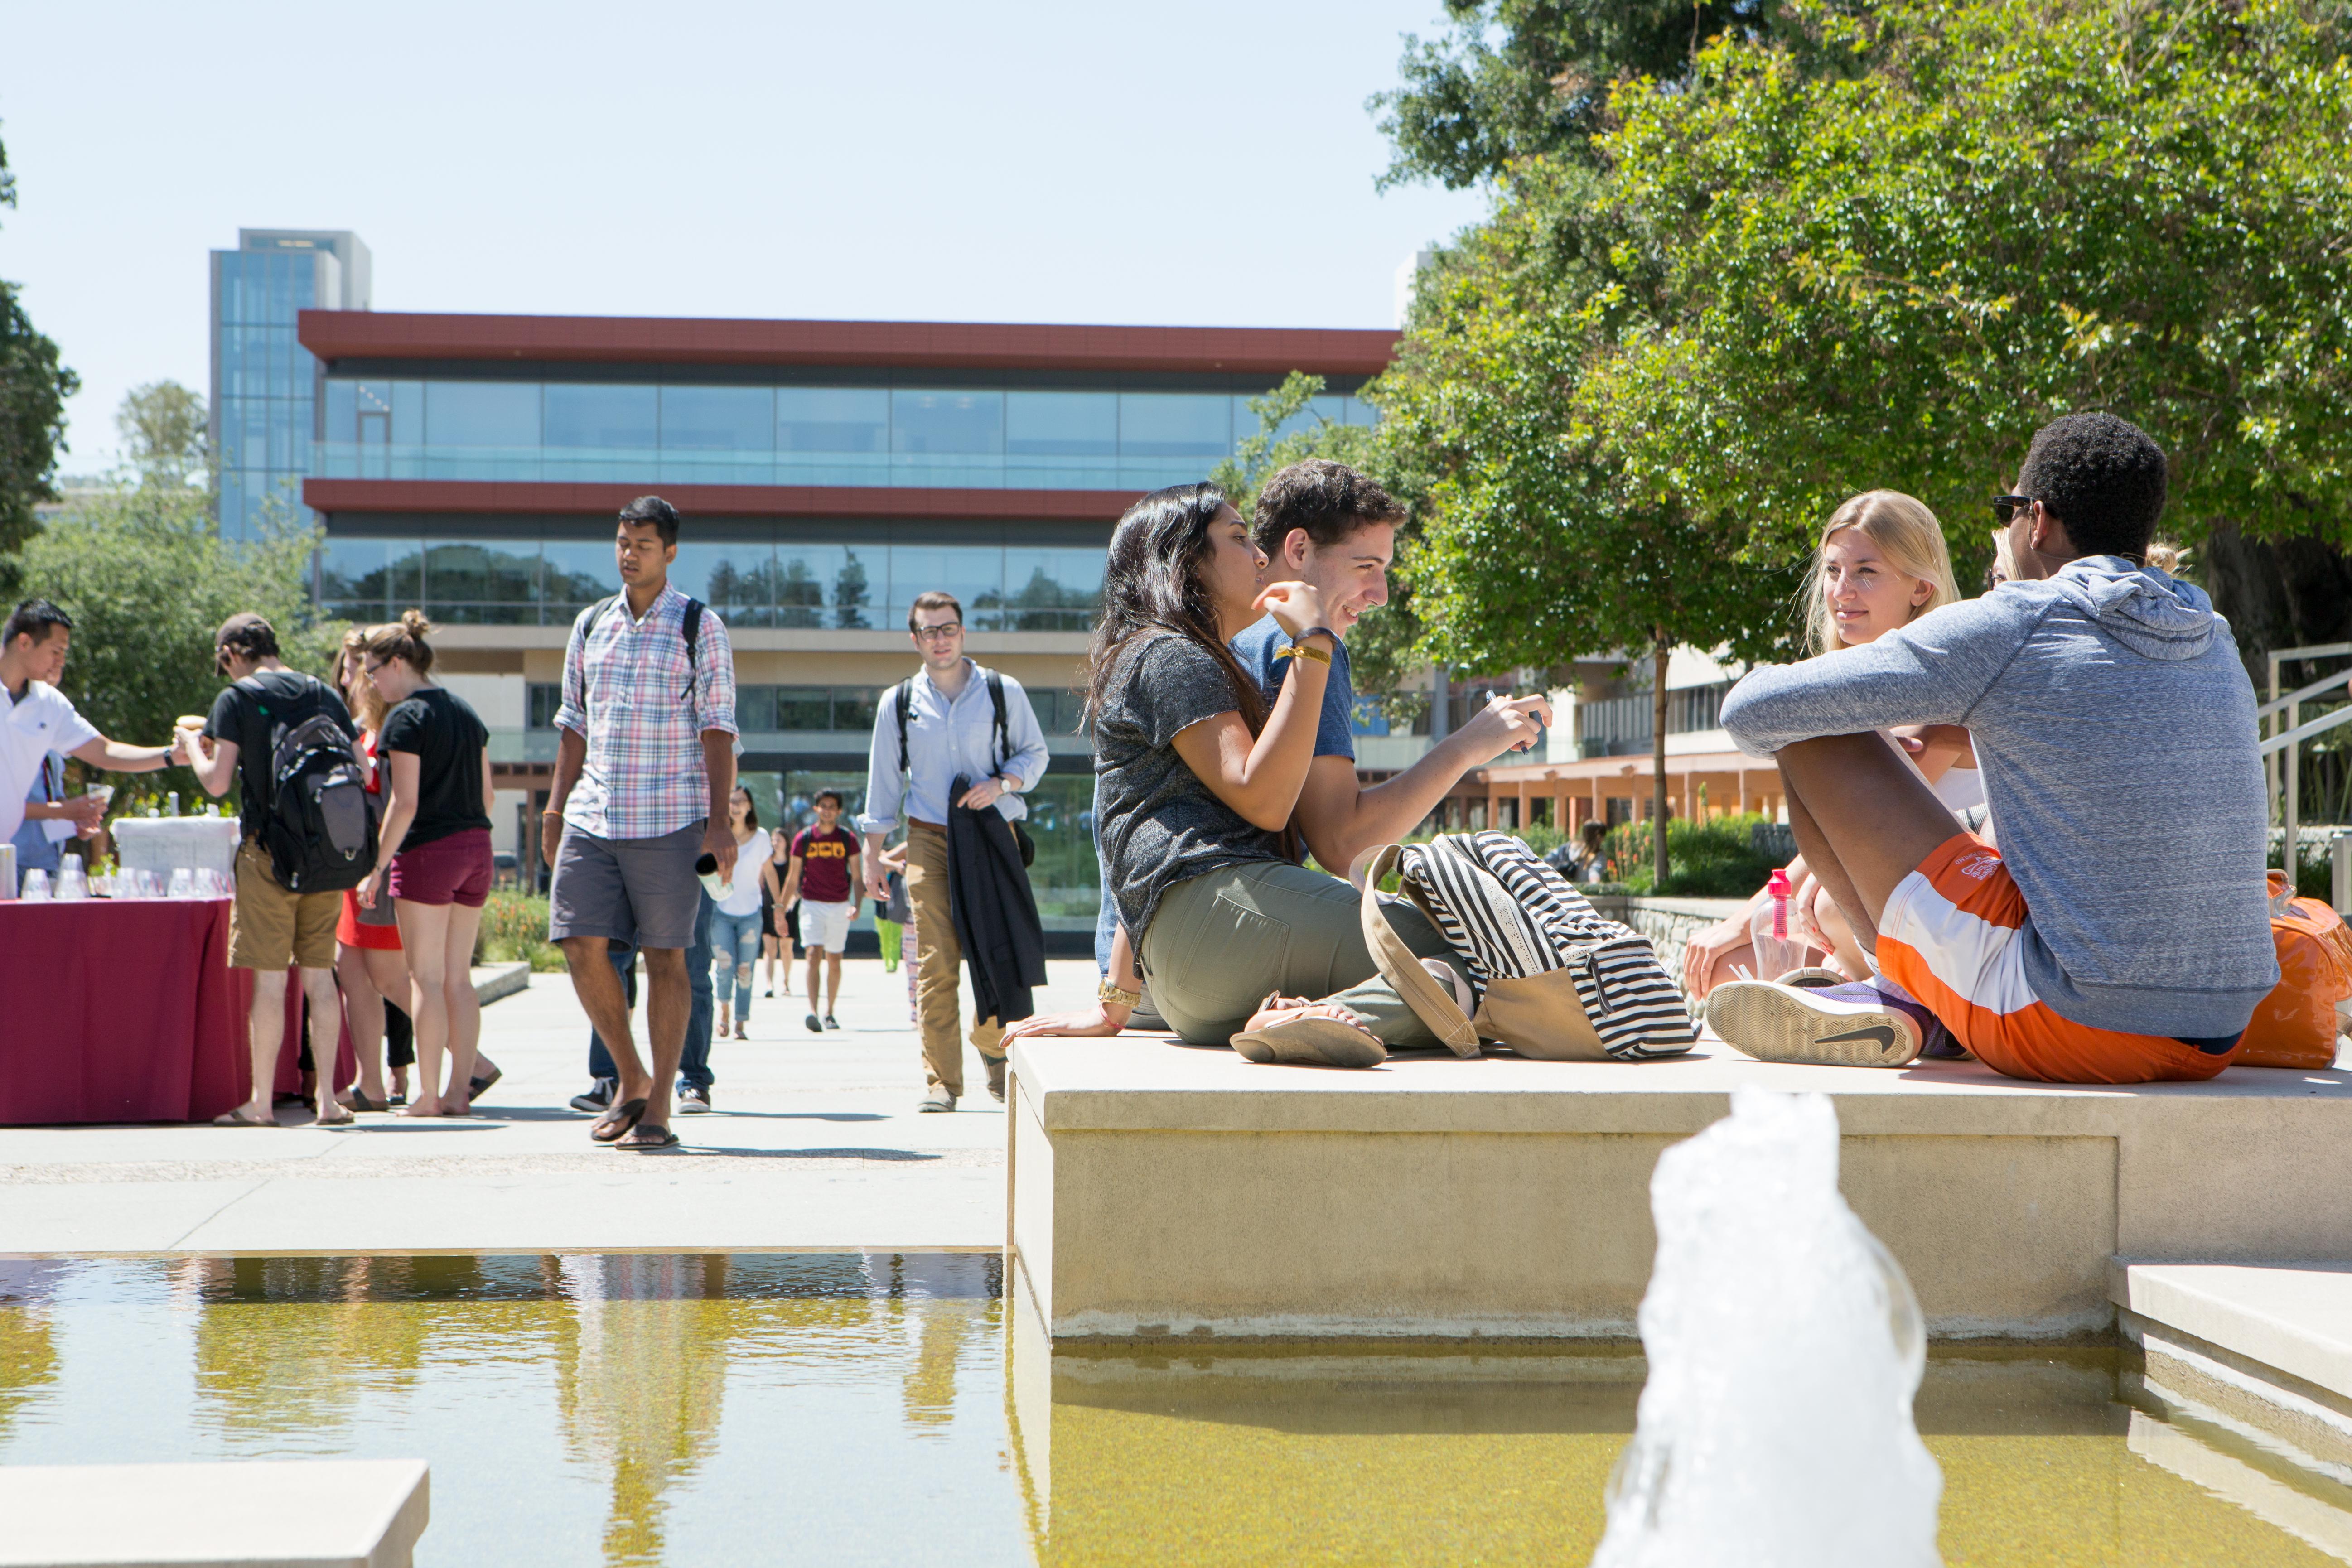 Students at CMC